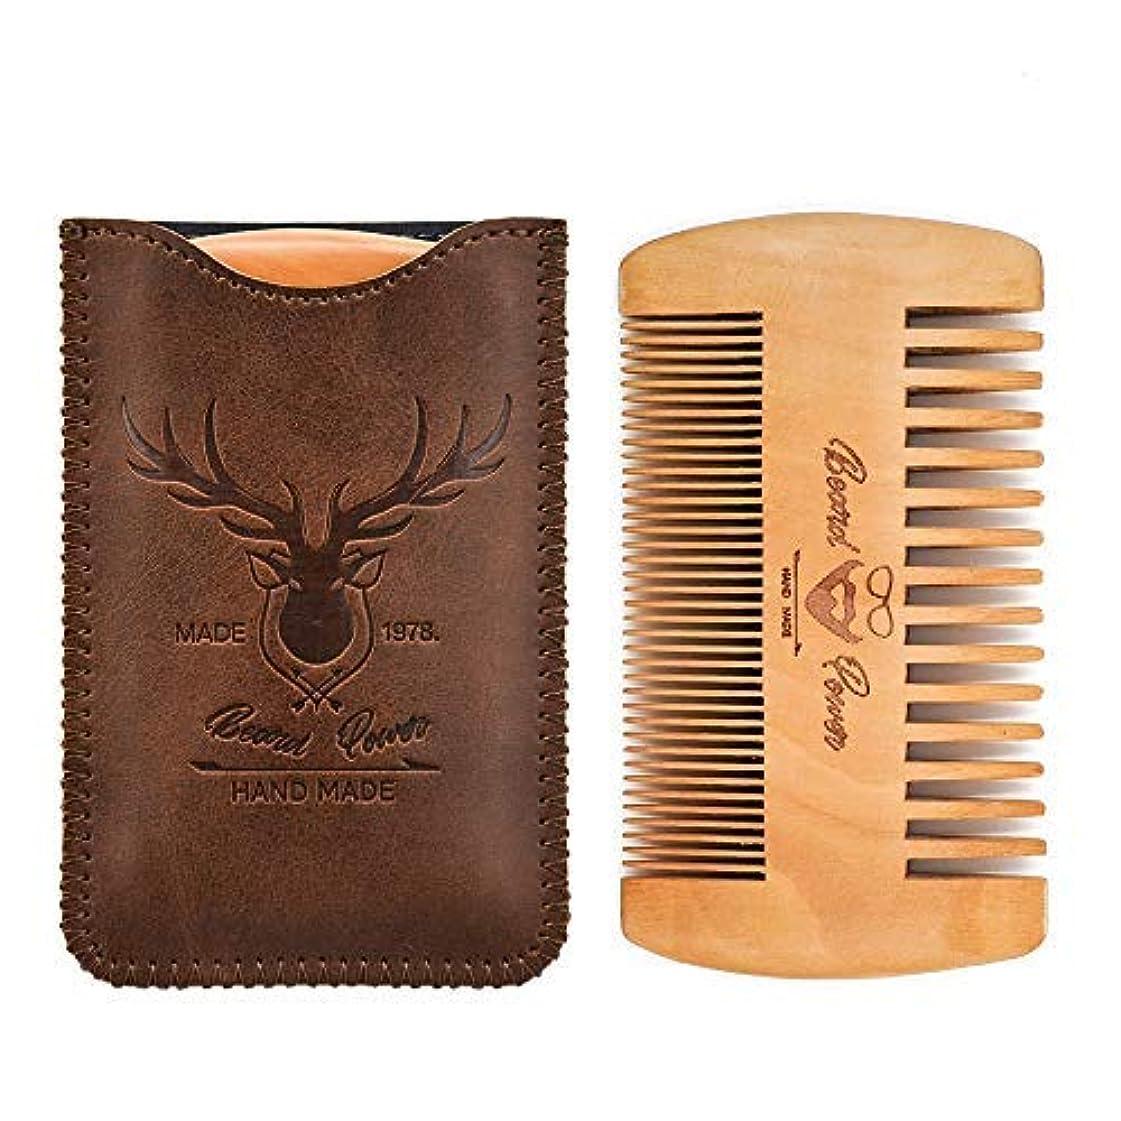 休憩パドル進捗2019 Version Wooden Beard Comb & Durable Case for Men with Sexy Beard, Fine & Coarse Teeth, Pocket Comb for Beards...